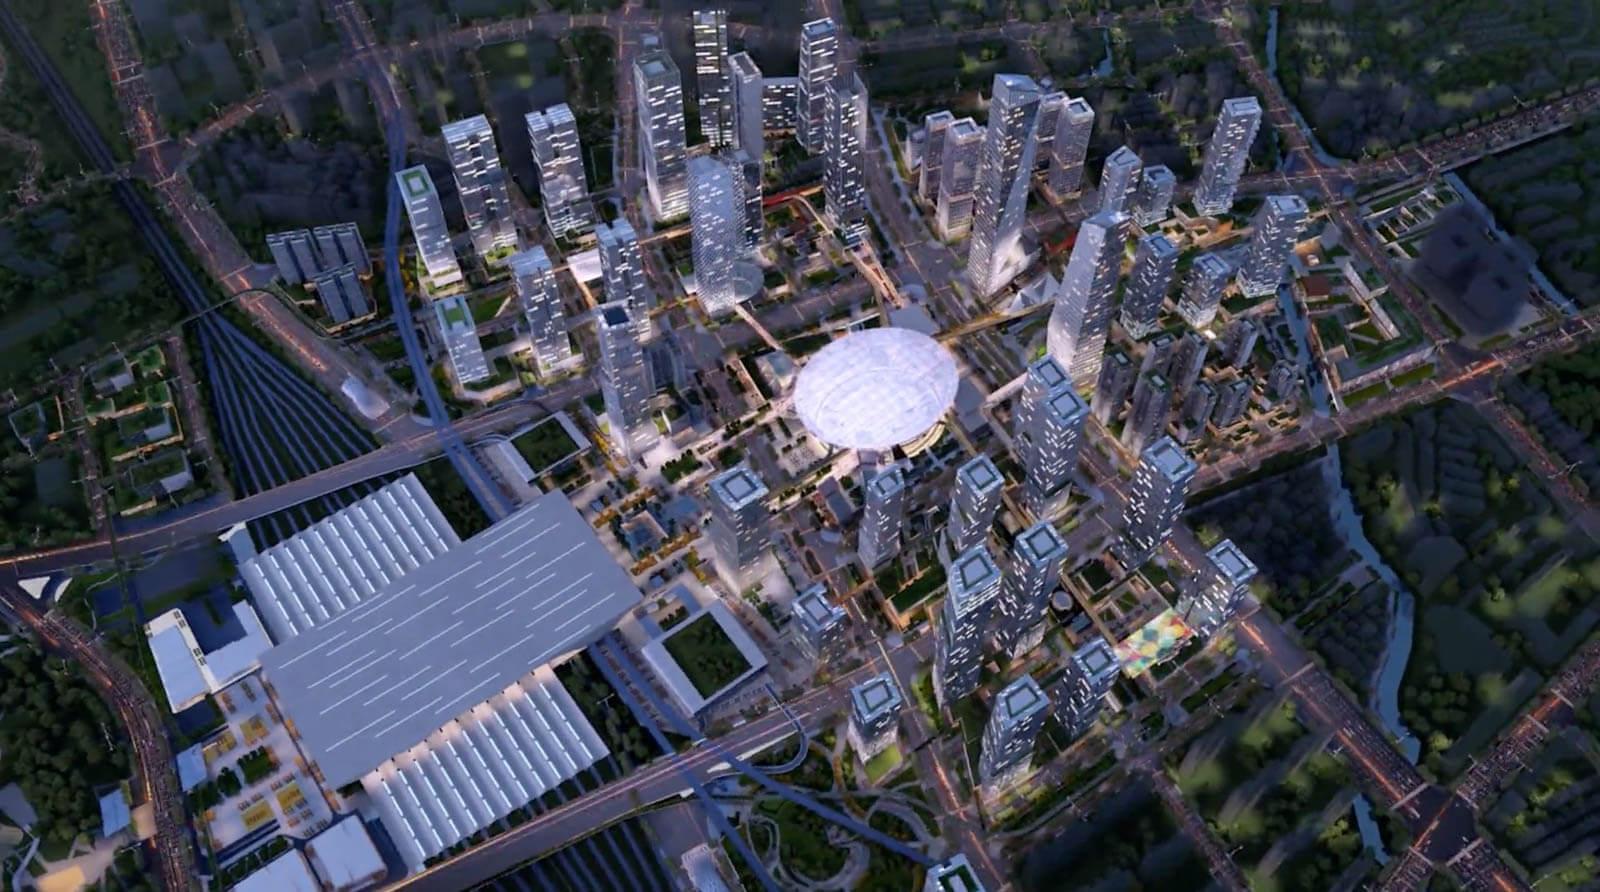 【深セン北駅】日本設計がコンペ1位!新都市計画設計案詳細情報